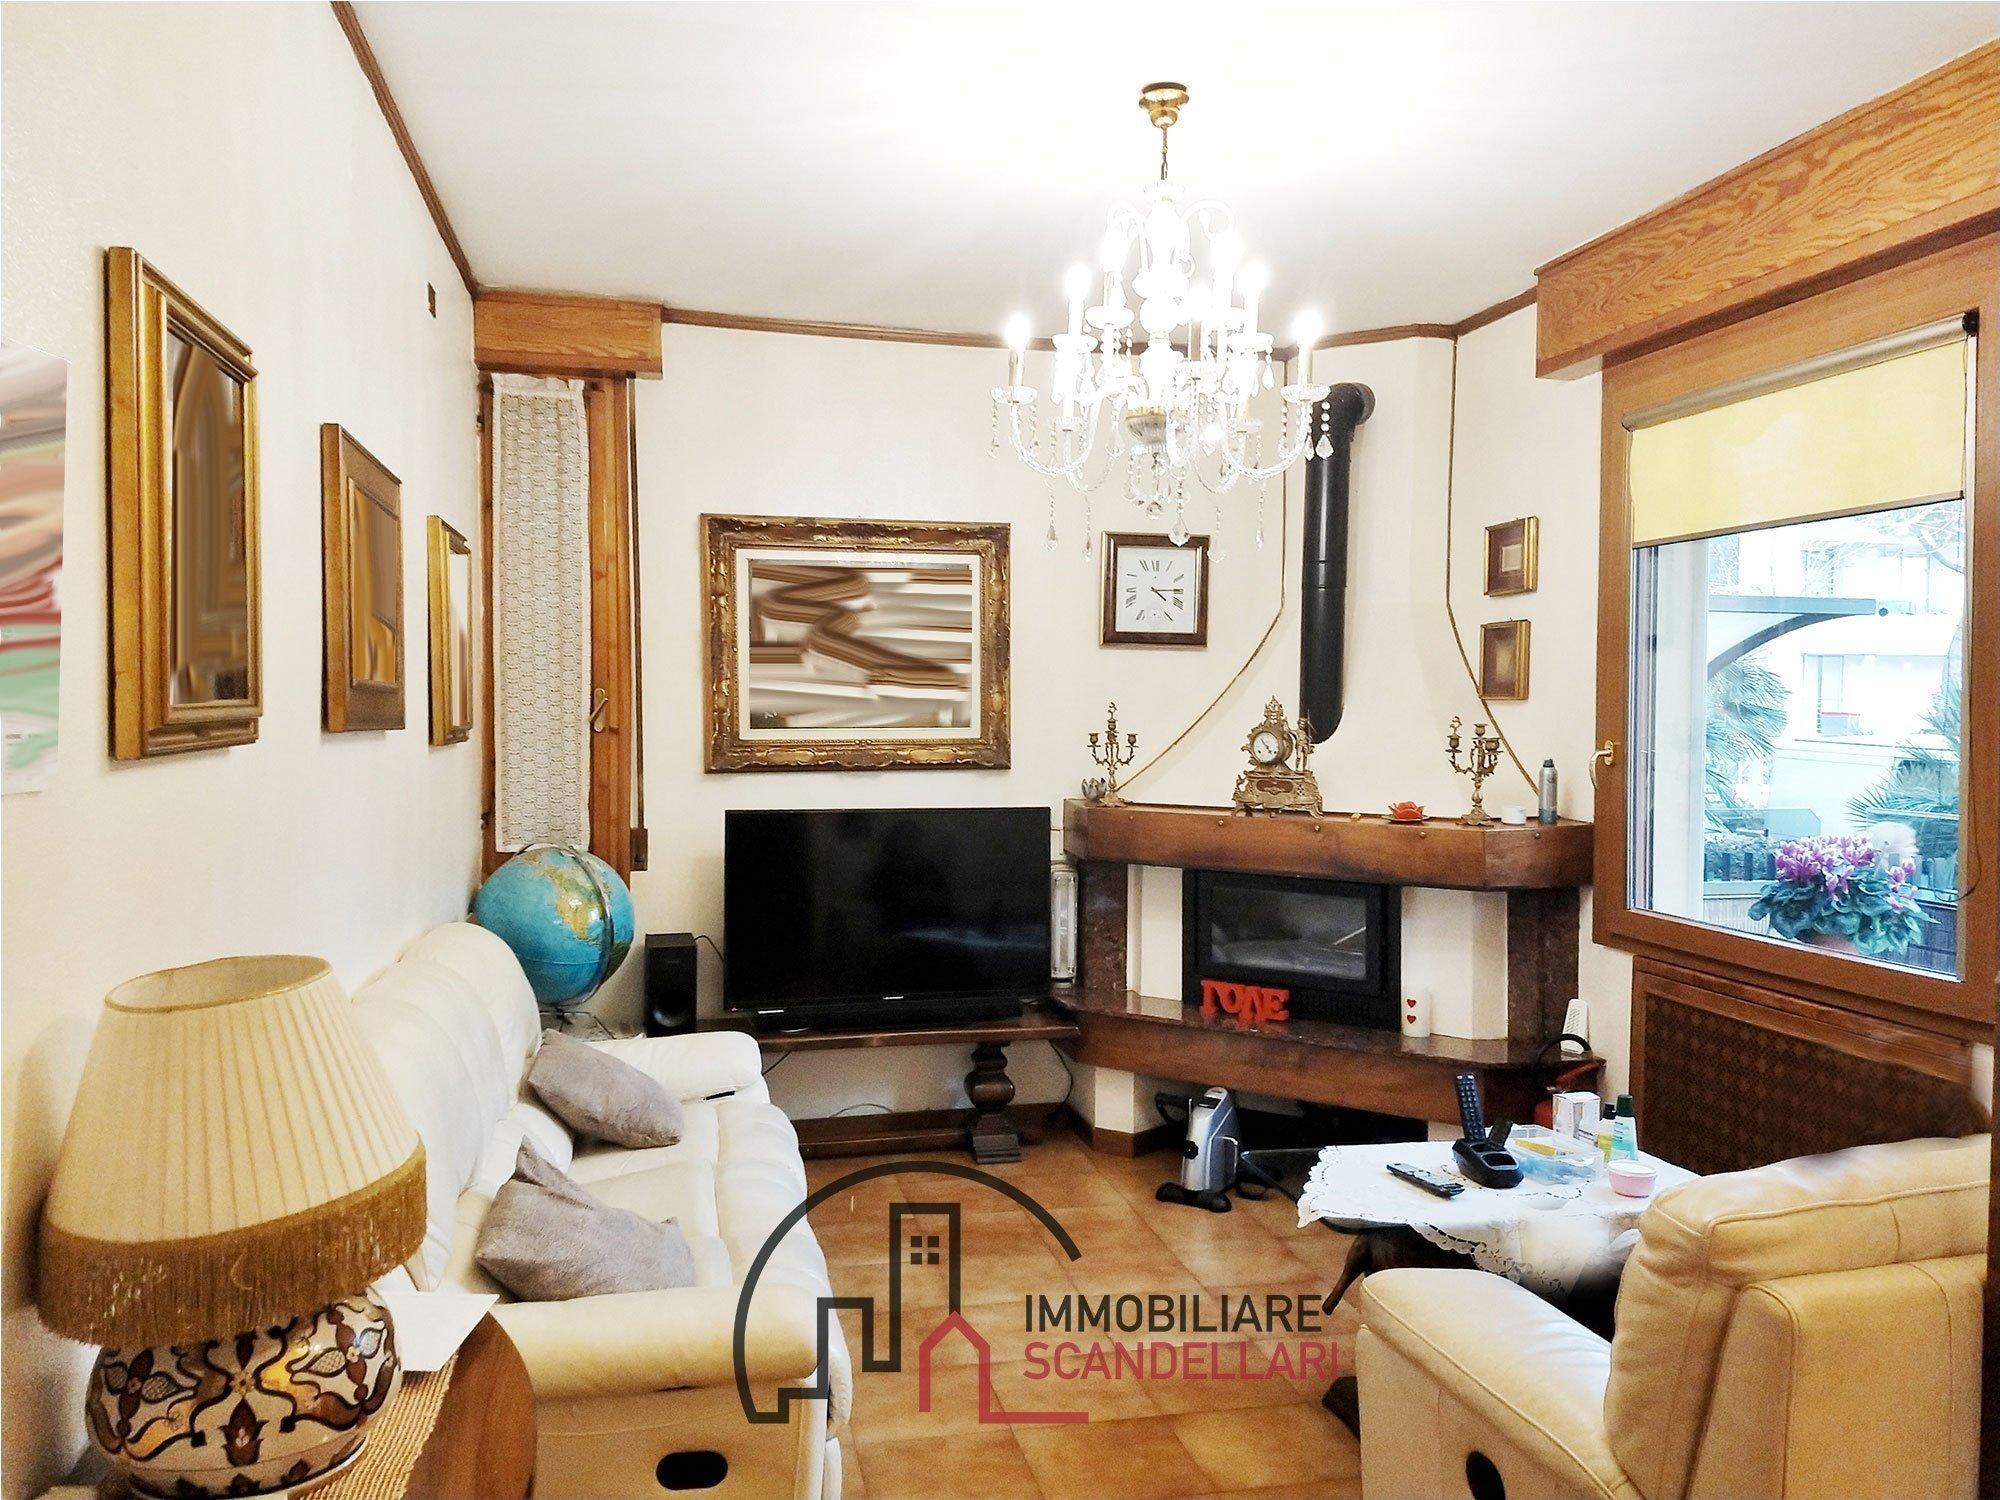 Rimini - Tripoli - Appartamento con tre camere e ingresso indipendente - Immobiliare Scandellari